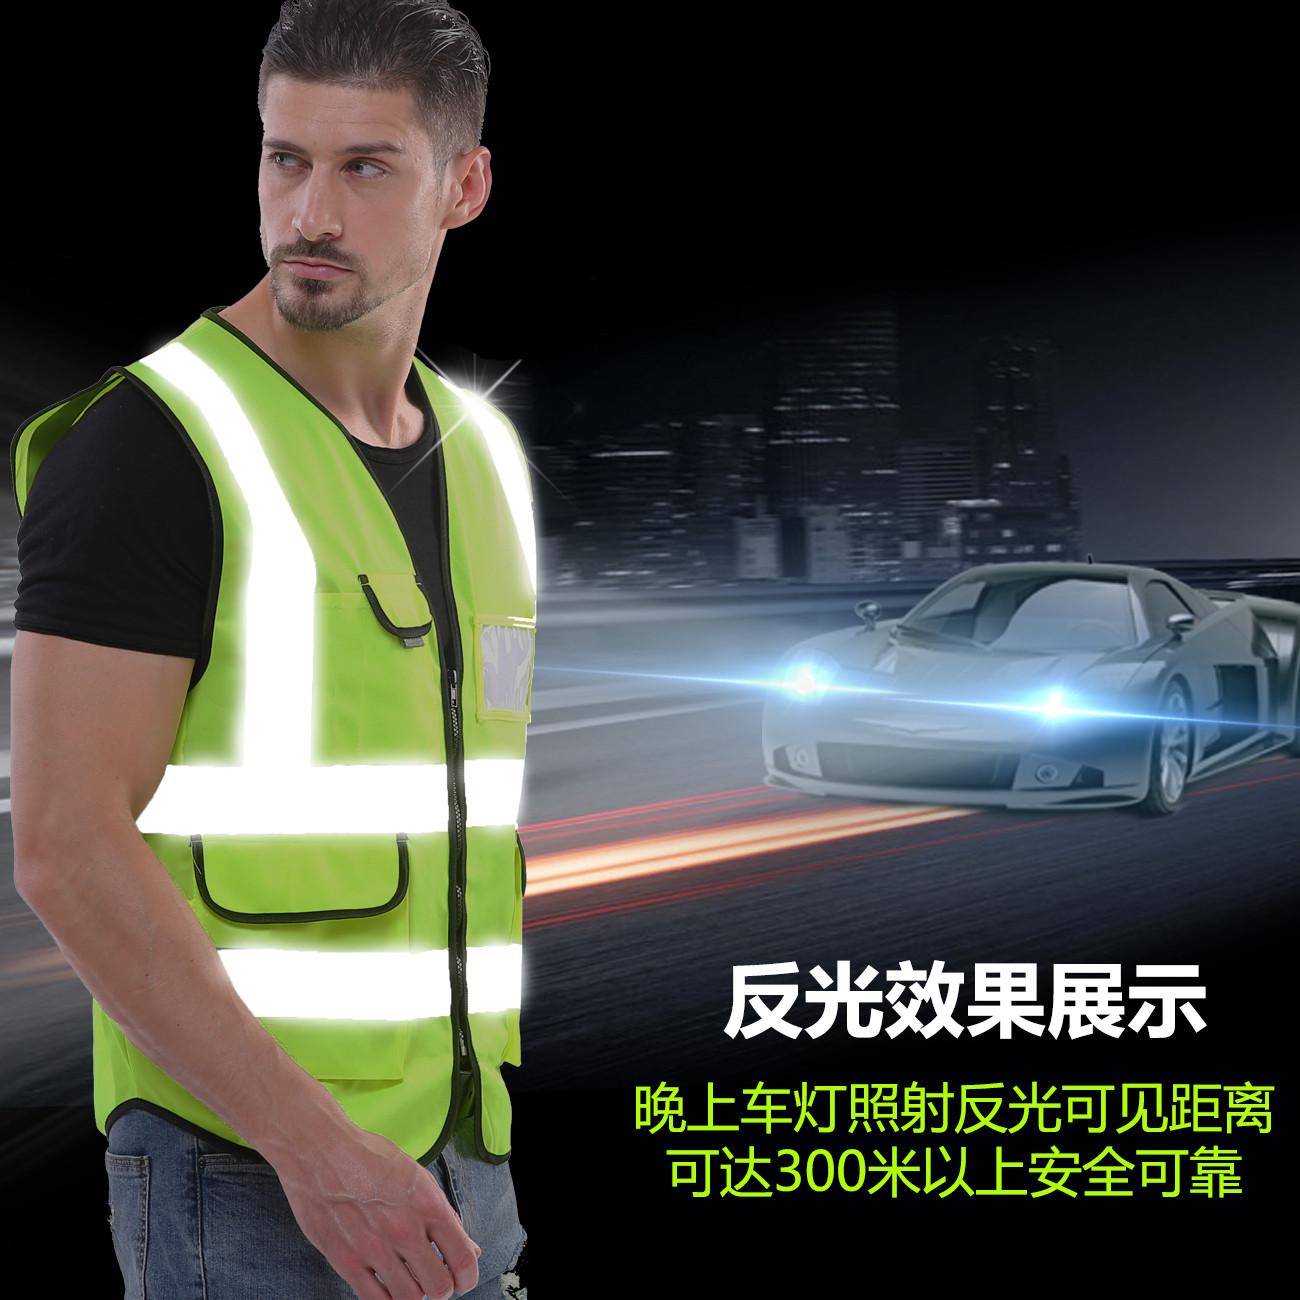 钧辰反光背心汽车交通施工反光衣马甲安全服荧光衣服环卫工人衣服